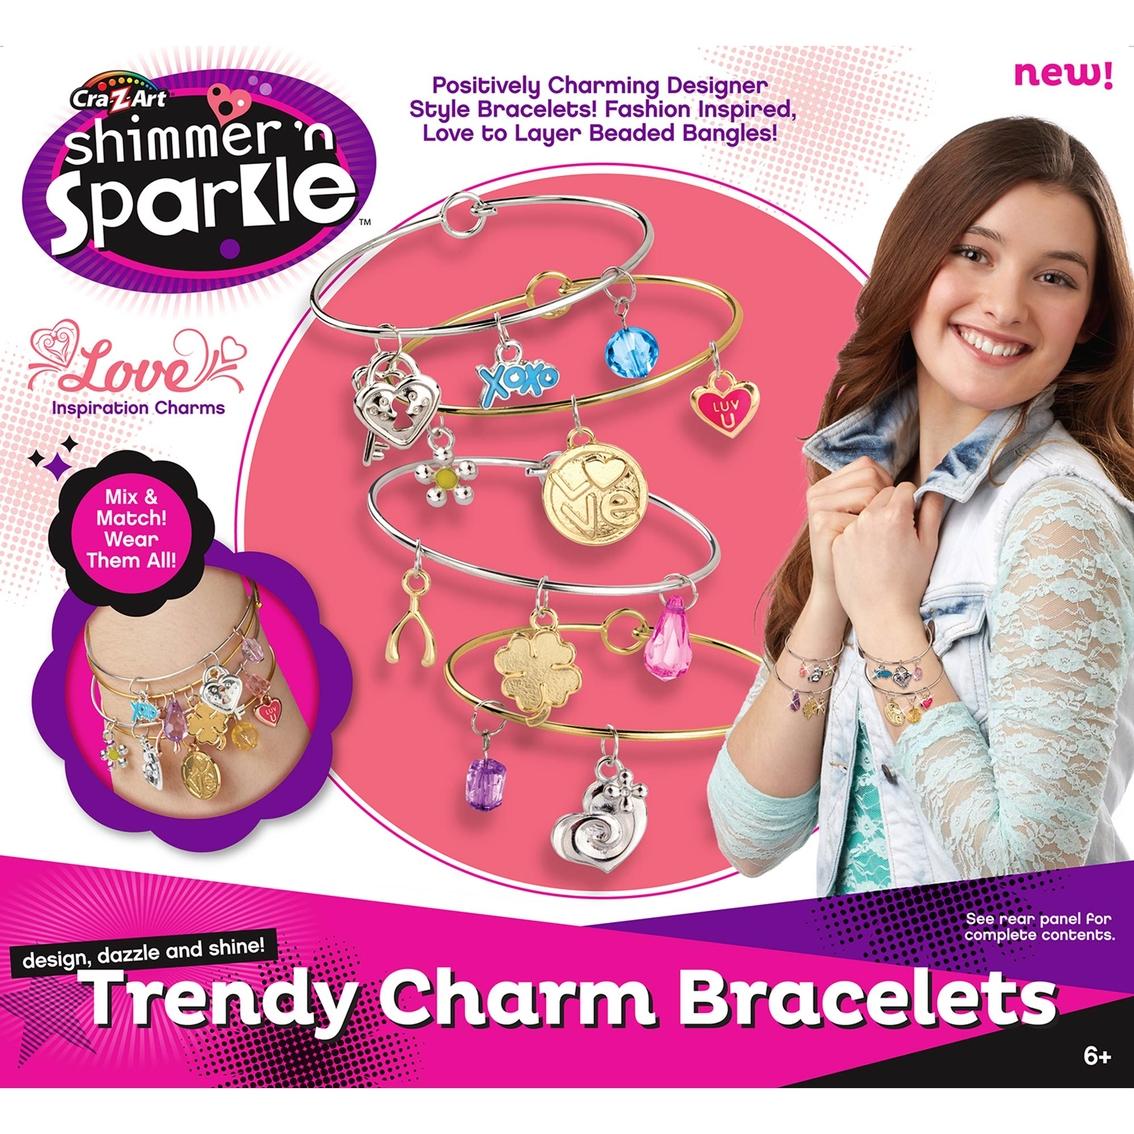 Cra-Z-Art Shimmer and Sparkle Trendy Charm Bracelets Kit